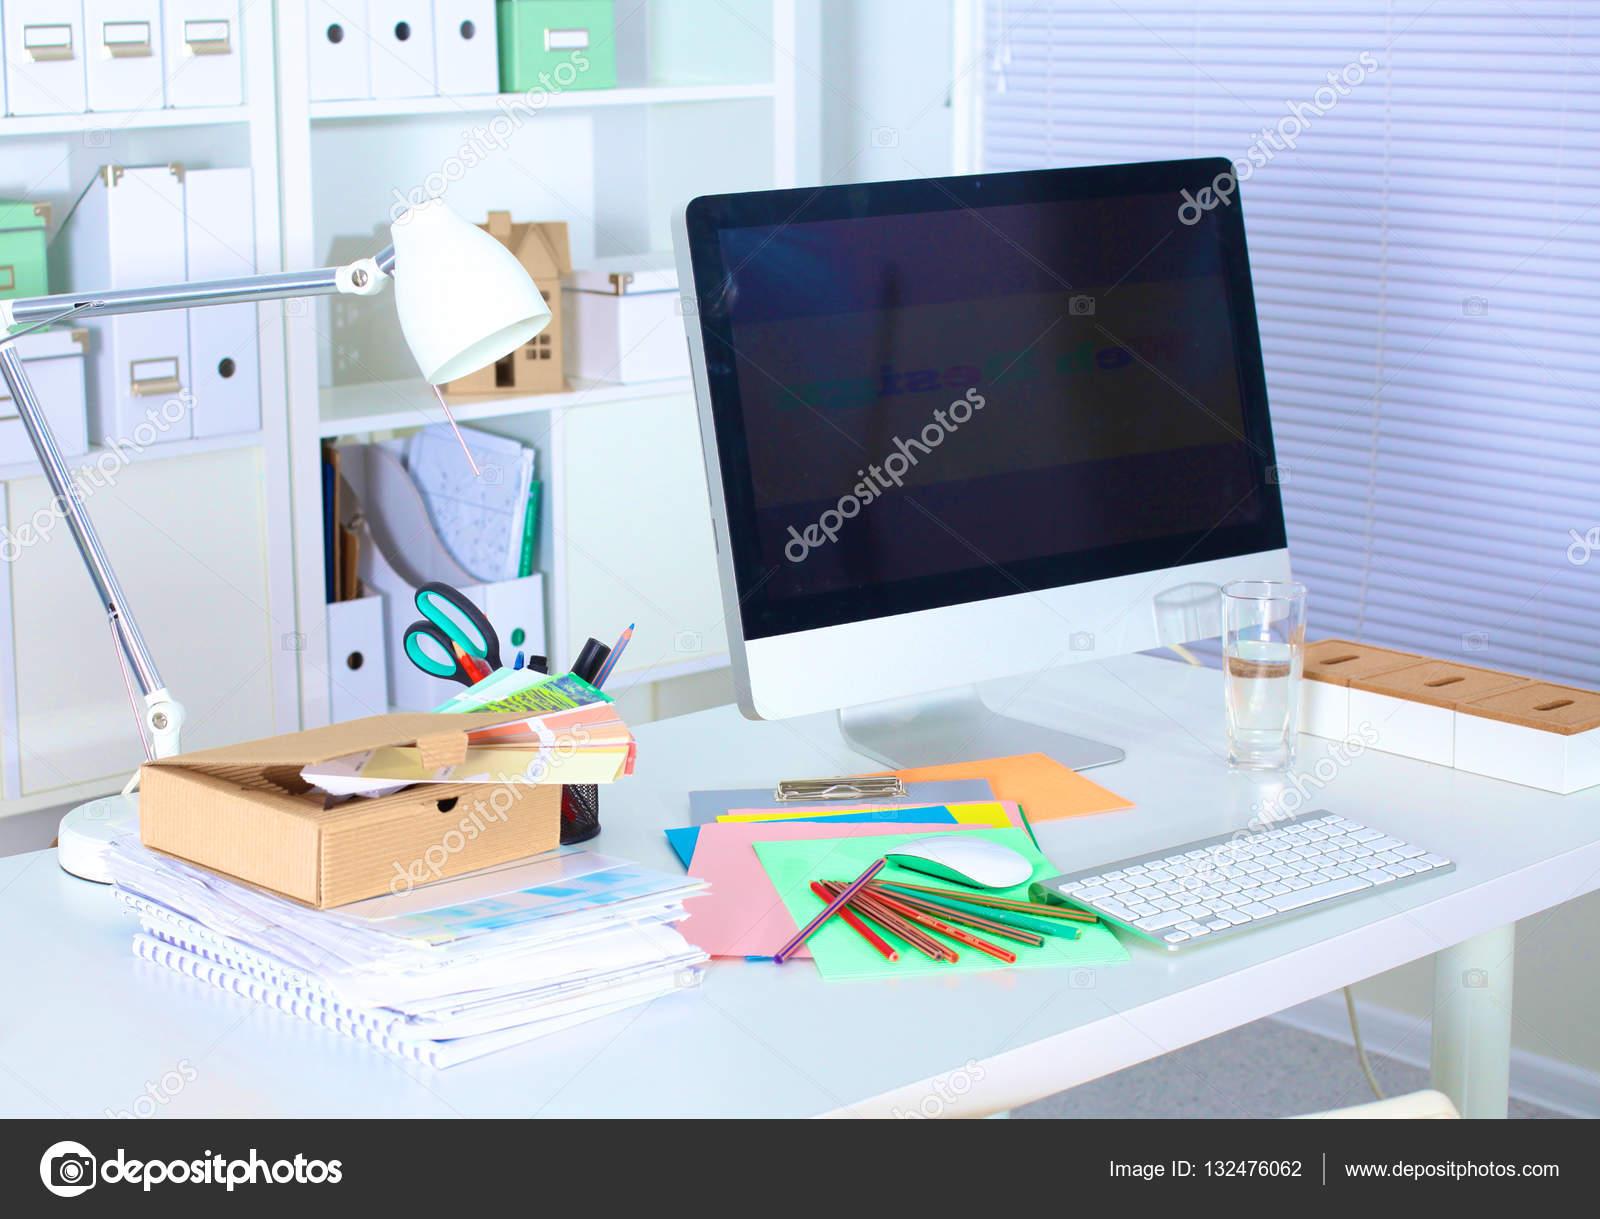 Scrivania Ufficio Design : Design scrivania con un computer e il lavoro di ufficio u2014 foto stock